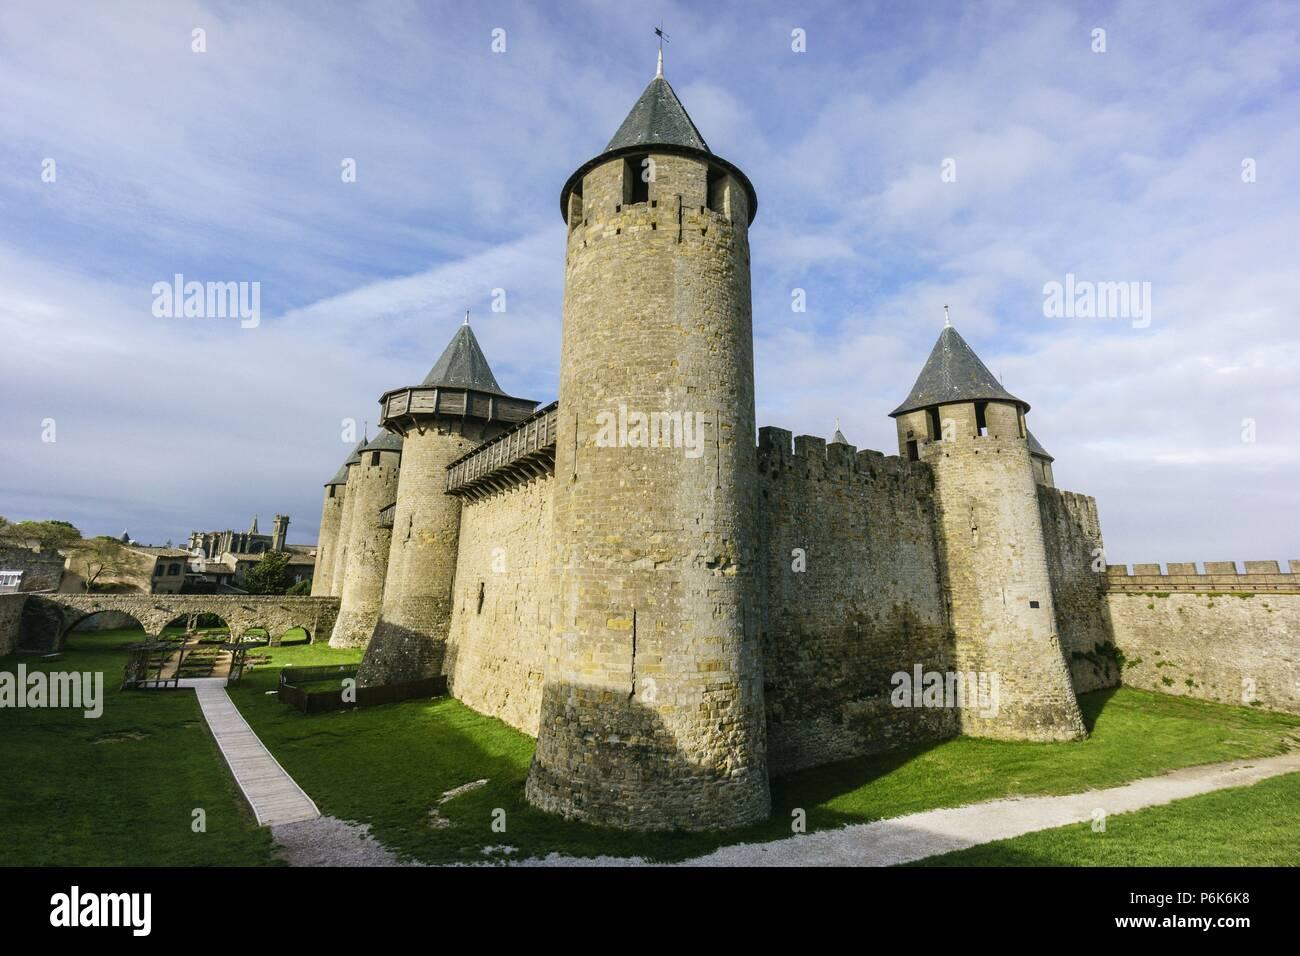 ciudadela amurallada de Carcasona , declarada en 1997 Patrimonio de la Humanidad por la Unesco, capital del departamento del Aude, region Languedoc-Rosellon, Francia, Europa. - Stock Image